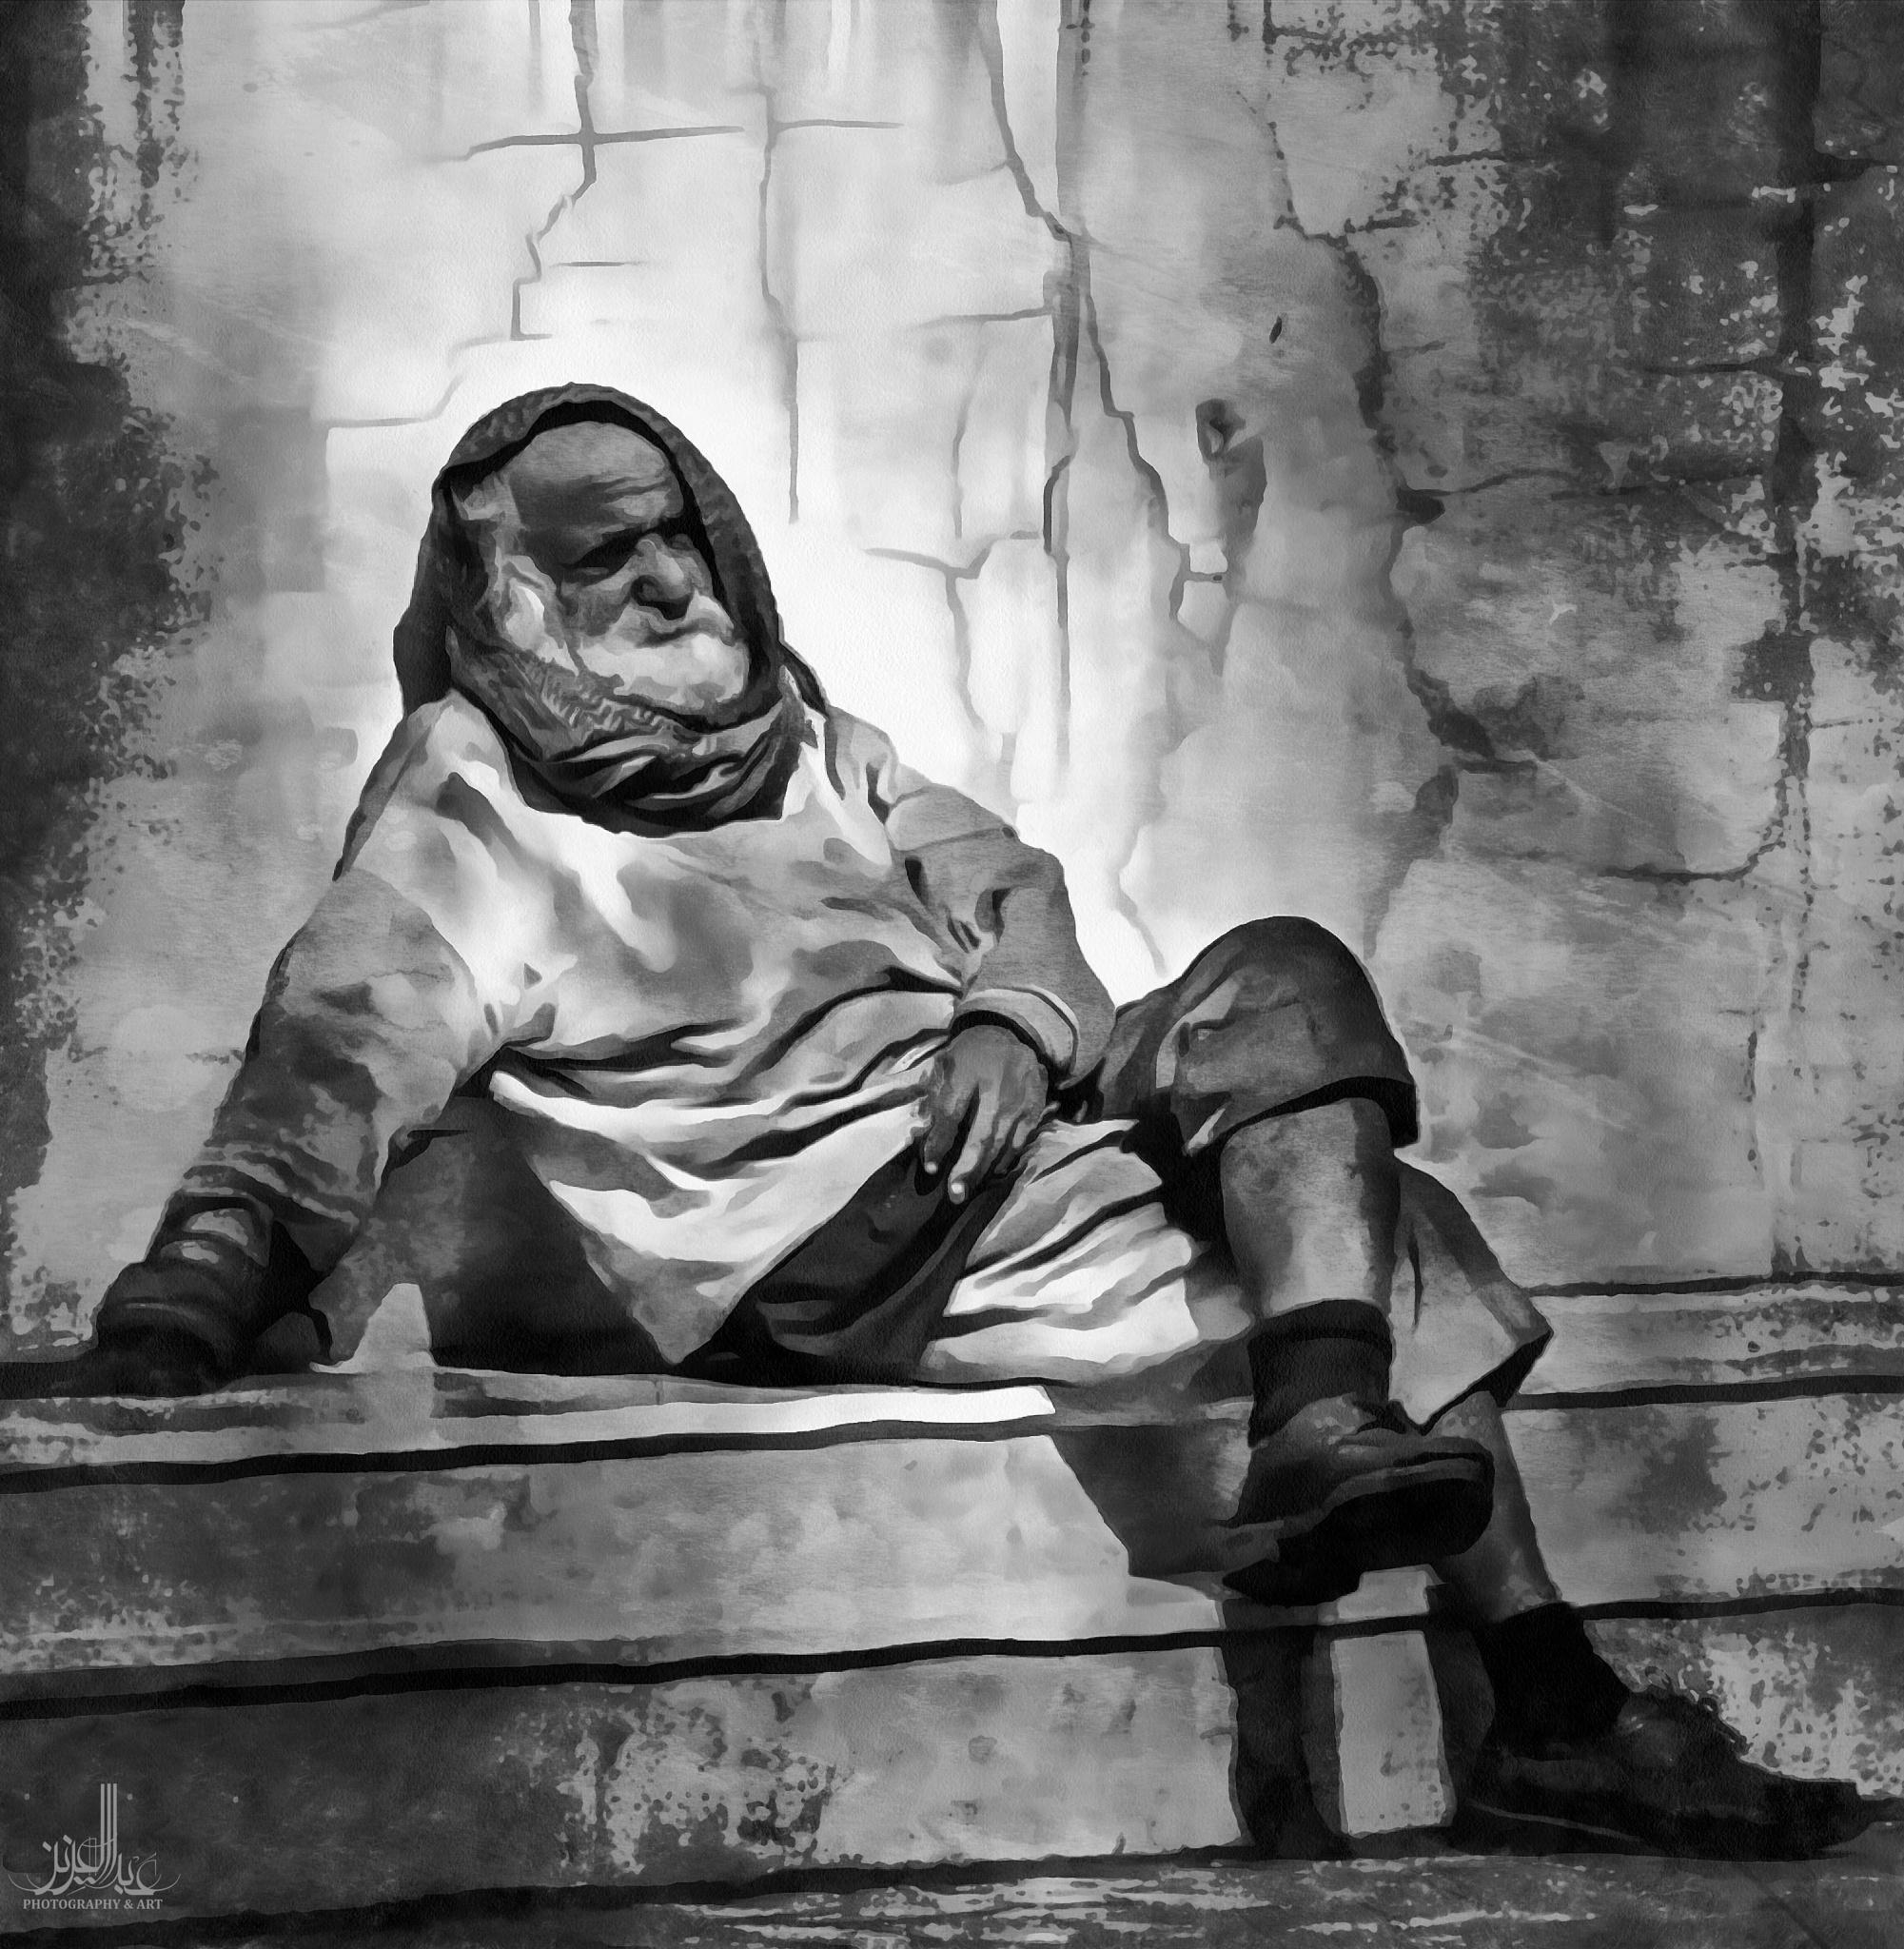 Untitled by Aziz Alkooheji